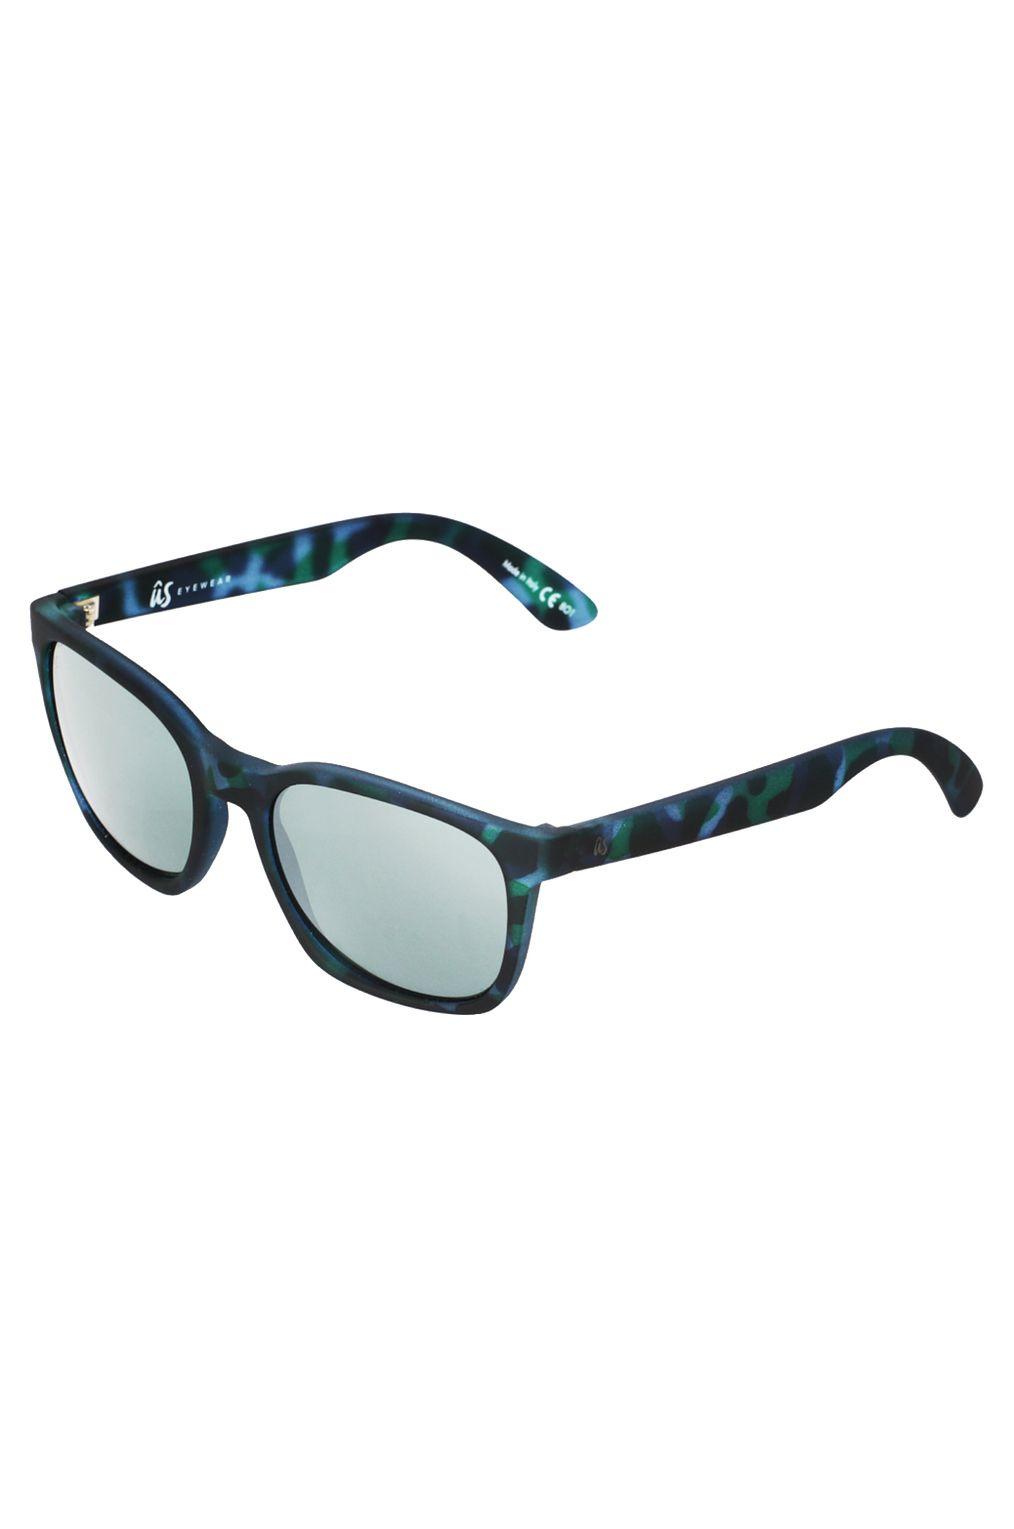 Oculos US BARYS Blue Tort/Grey Silver Chrome